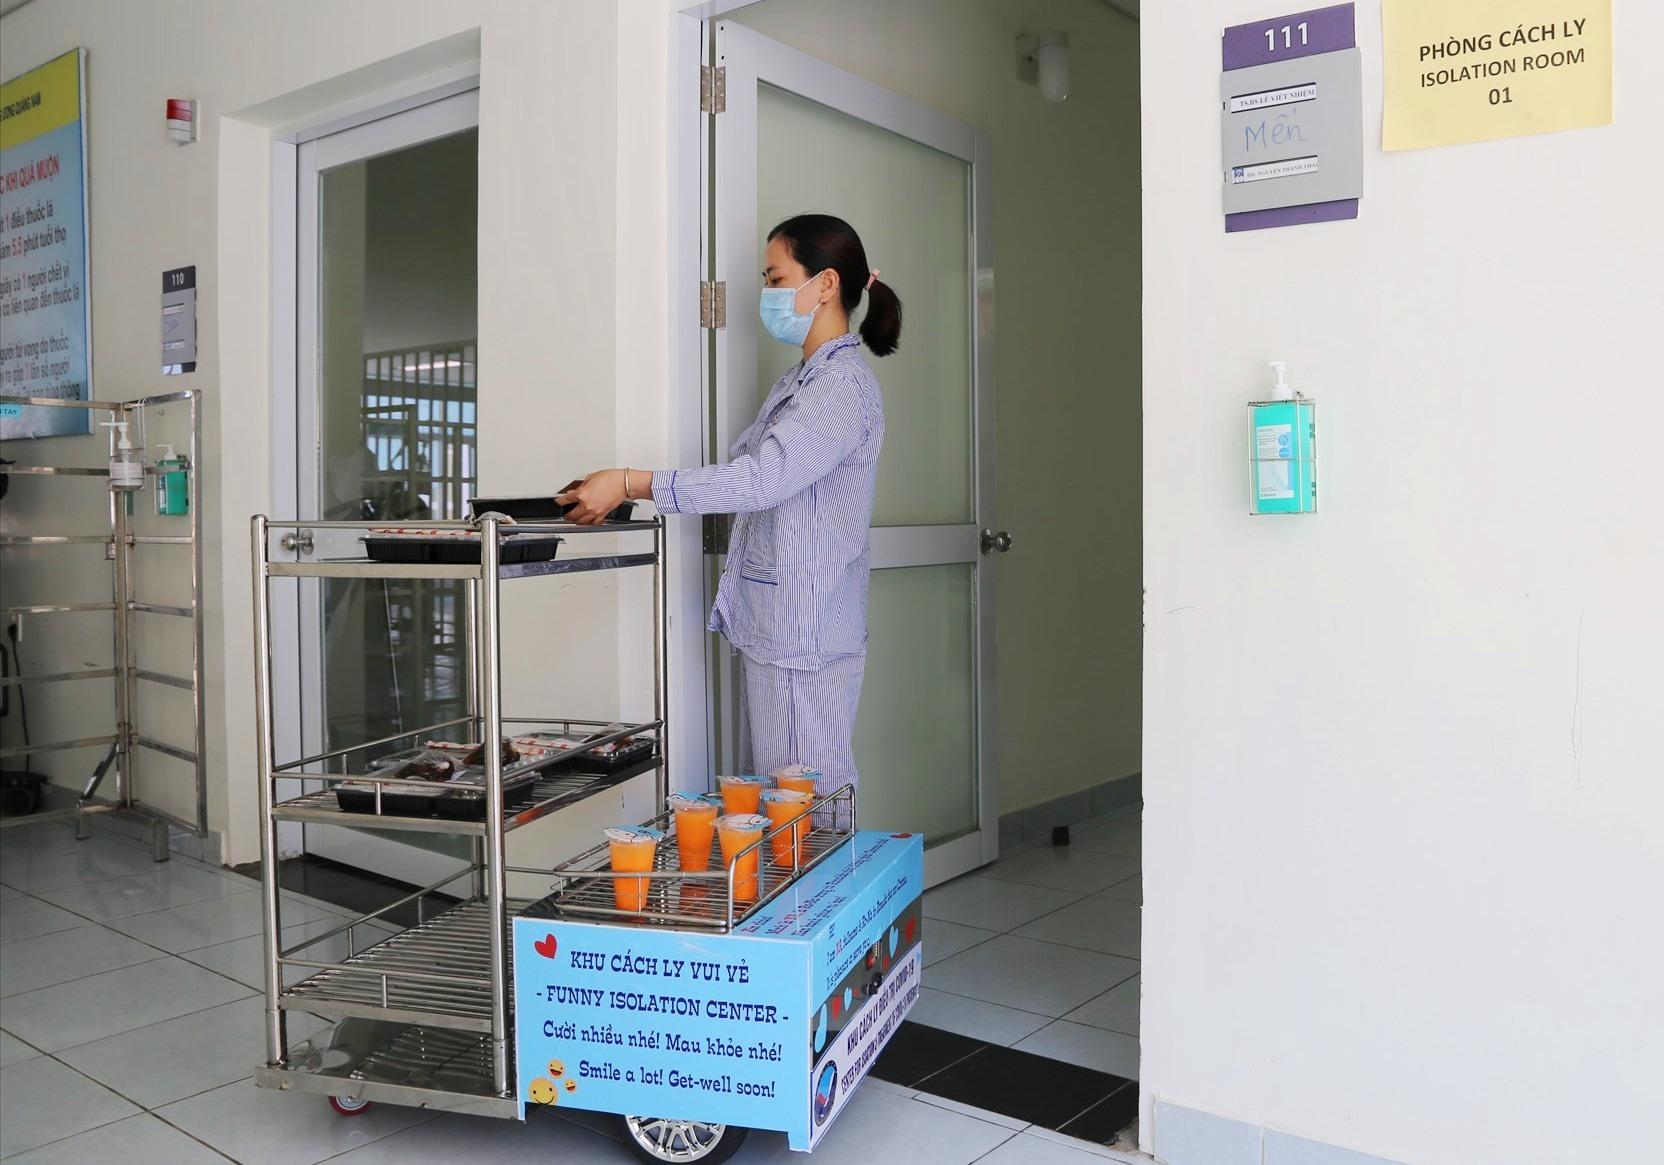 RONA được trang bị để hỗ công tác phòng, chống dịch bệnh tại Bệnh viện Đa khoa Trung ương Quảng Nam. Ảnh: L.P.THẢO